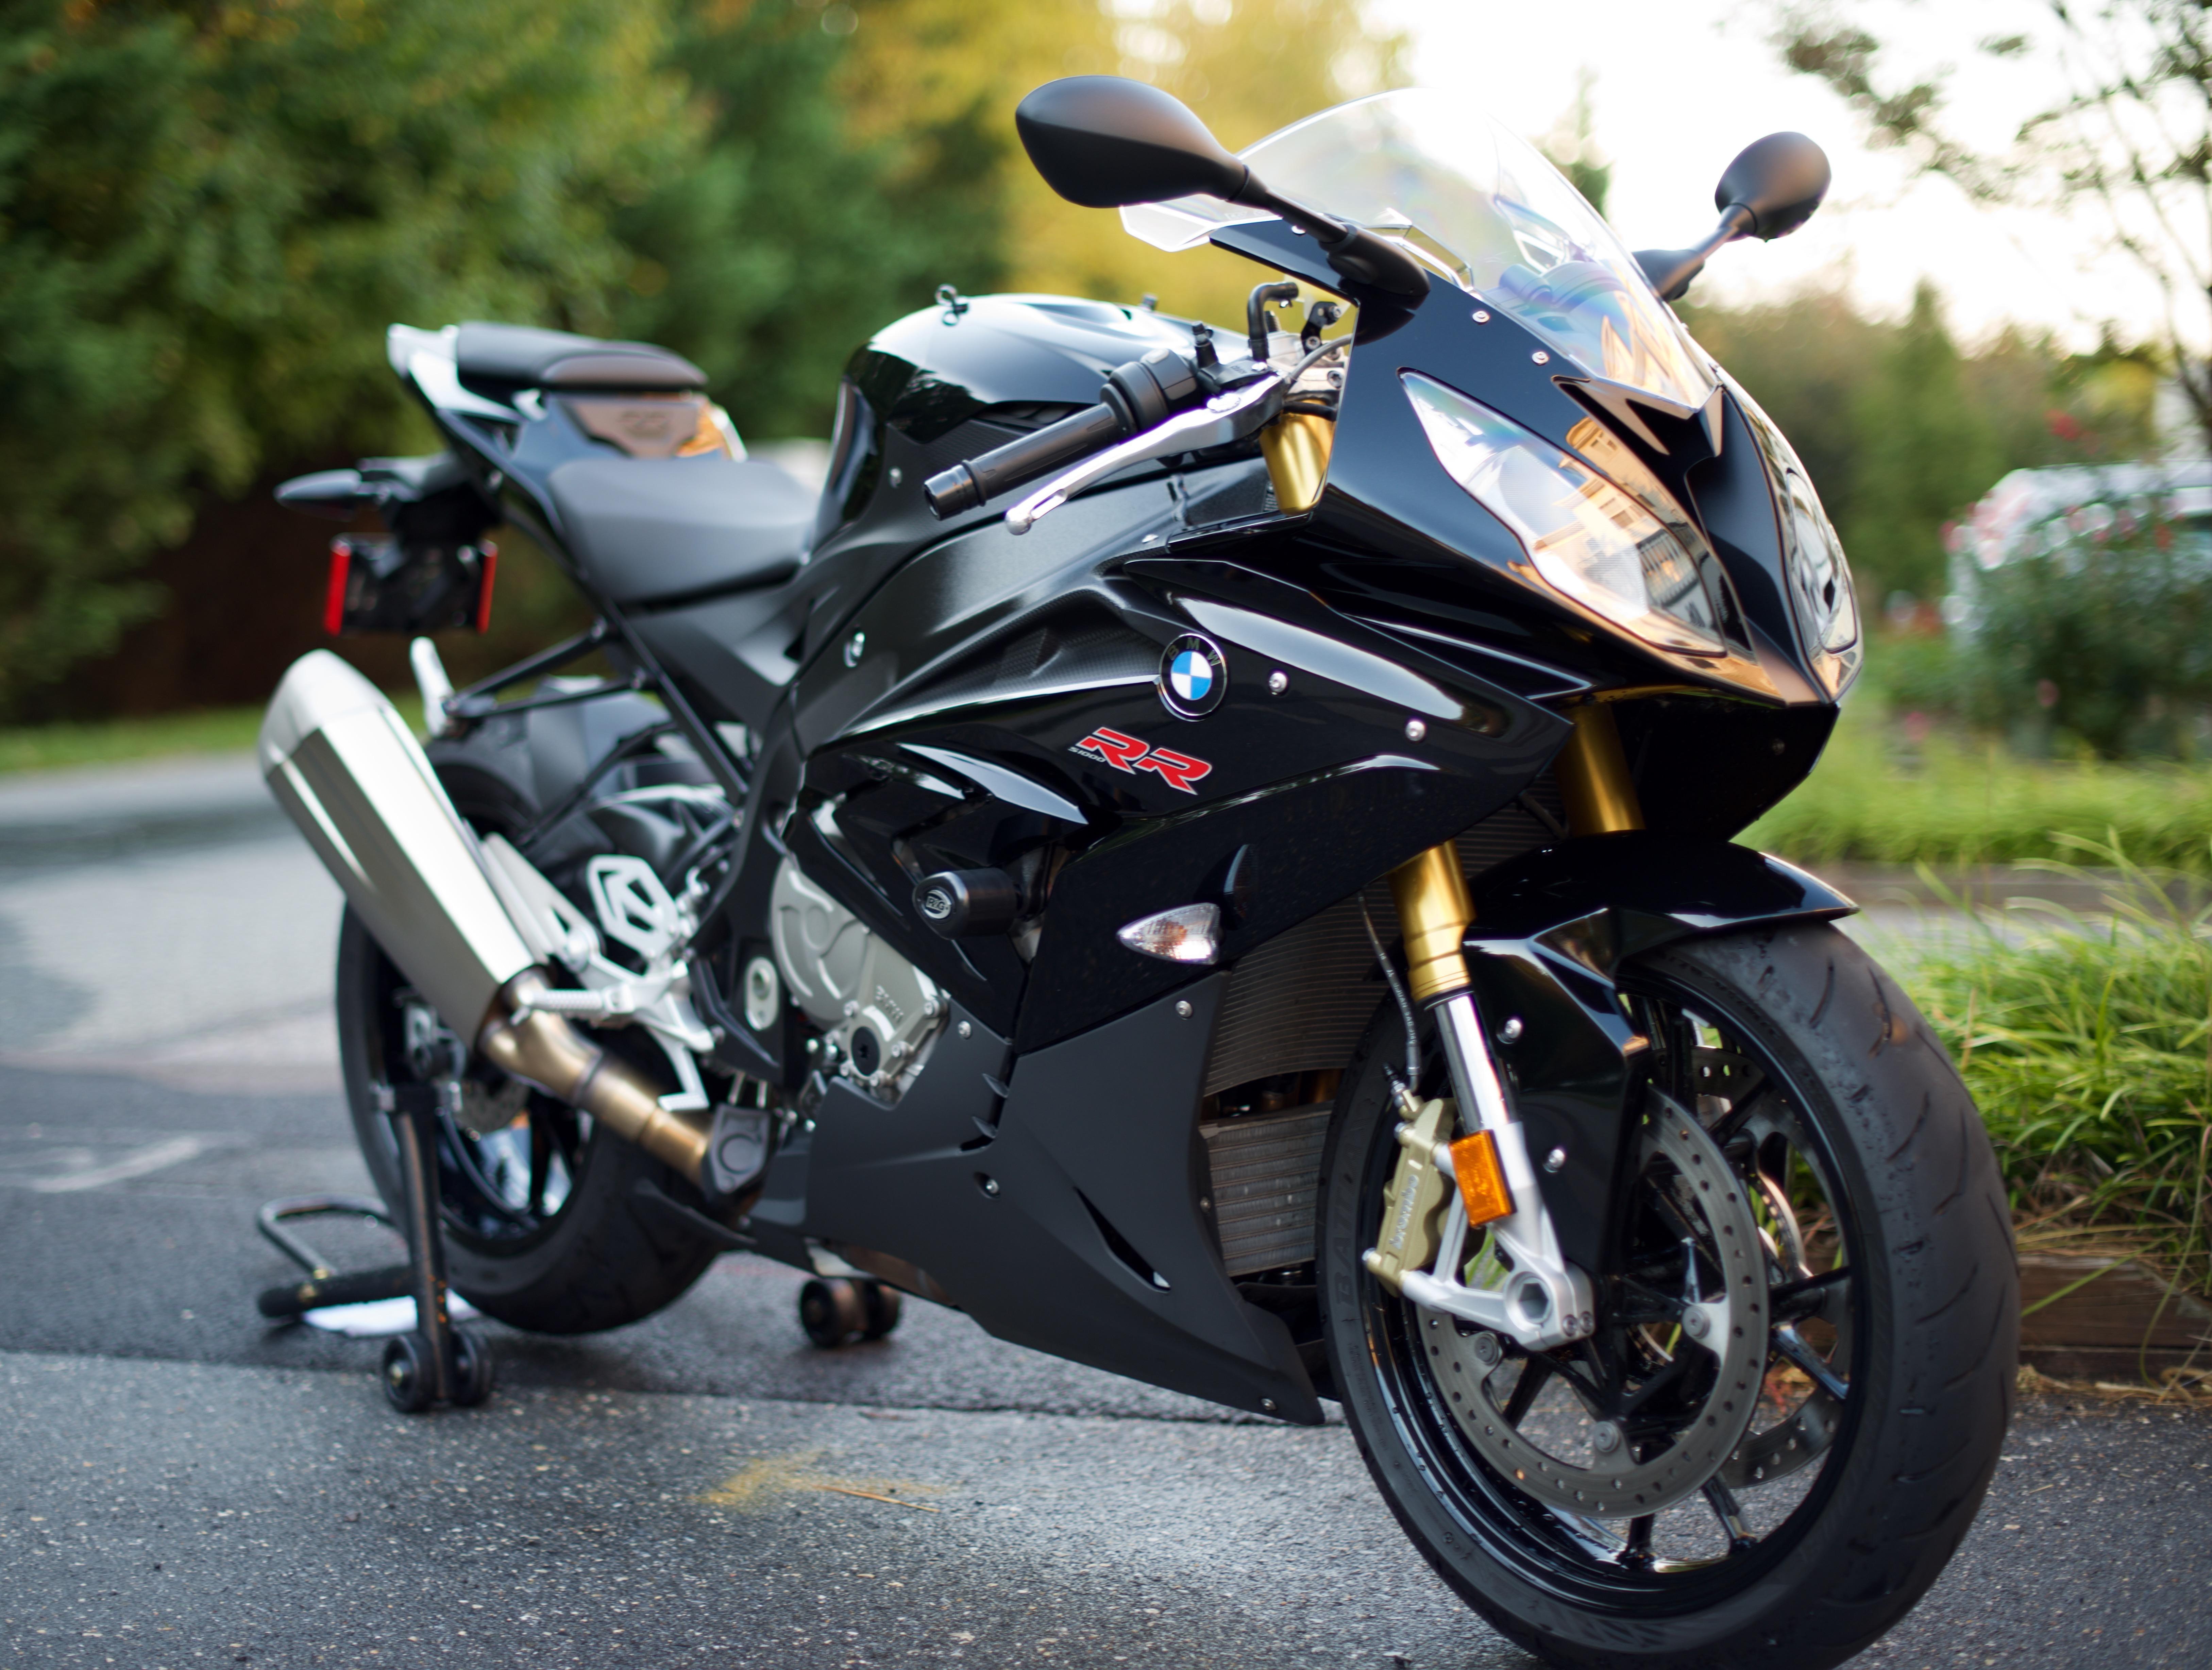 81531 скачать обои Мотоциклы, Bmw S1000Rr, Бмв (Bmw), Байк, Спортивный, Мотоцикл, Черный - заставки и картинки бесплатно